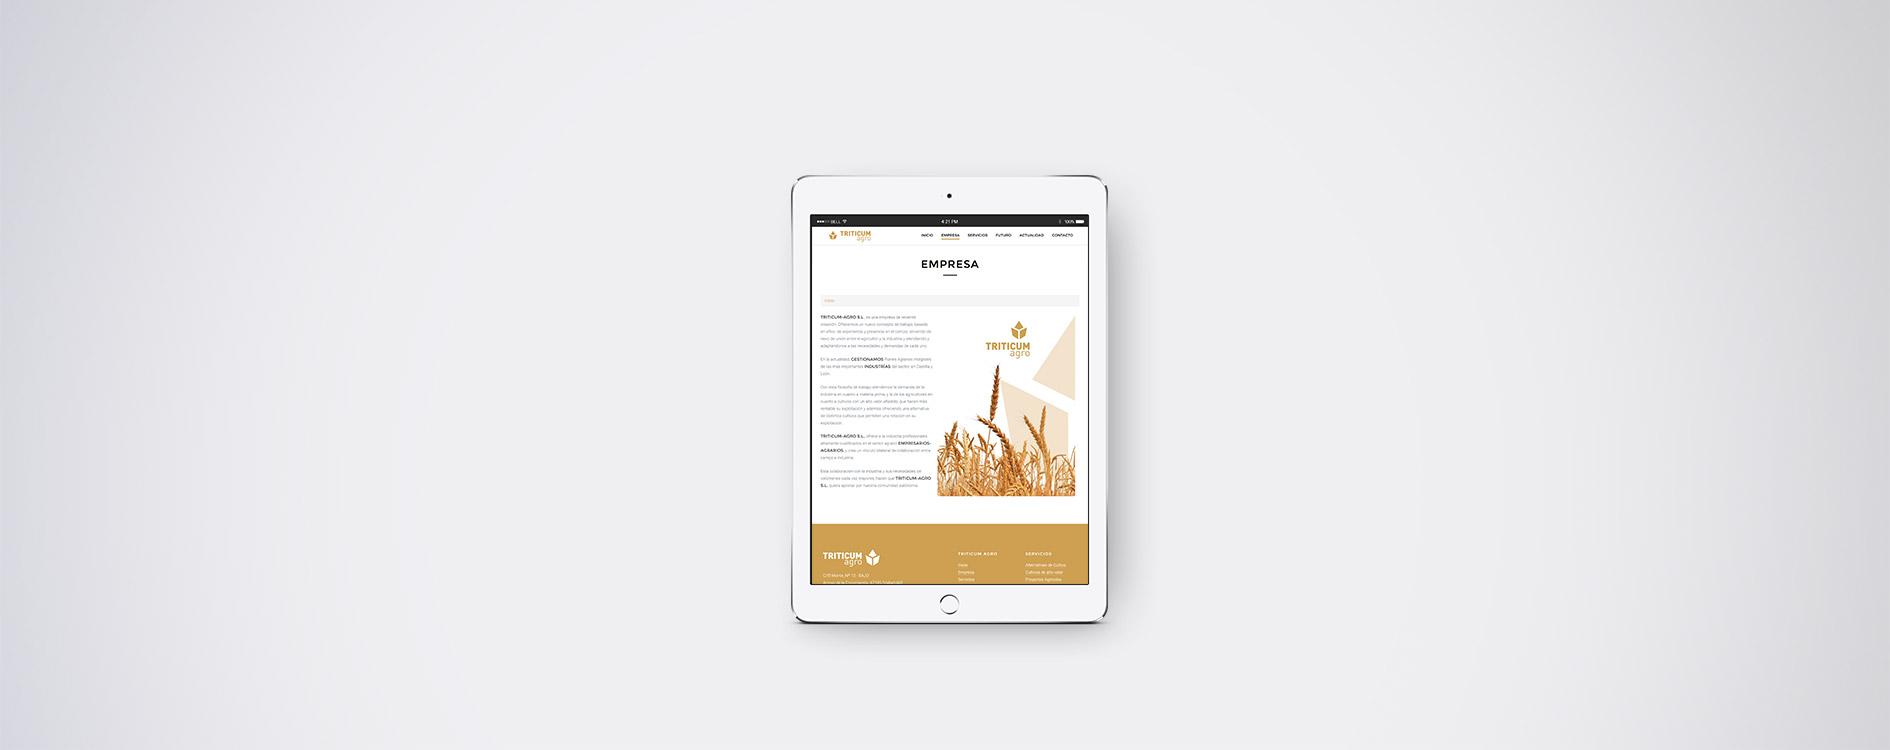 TRITICUM agro - Tablet